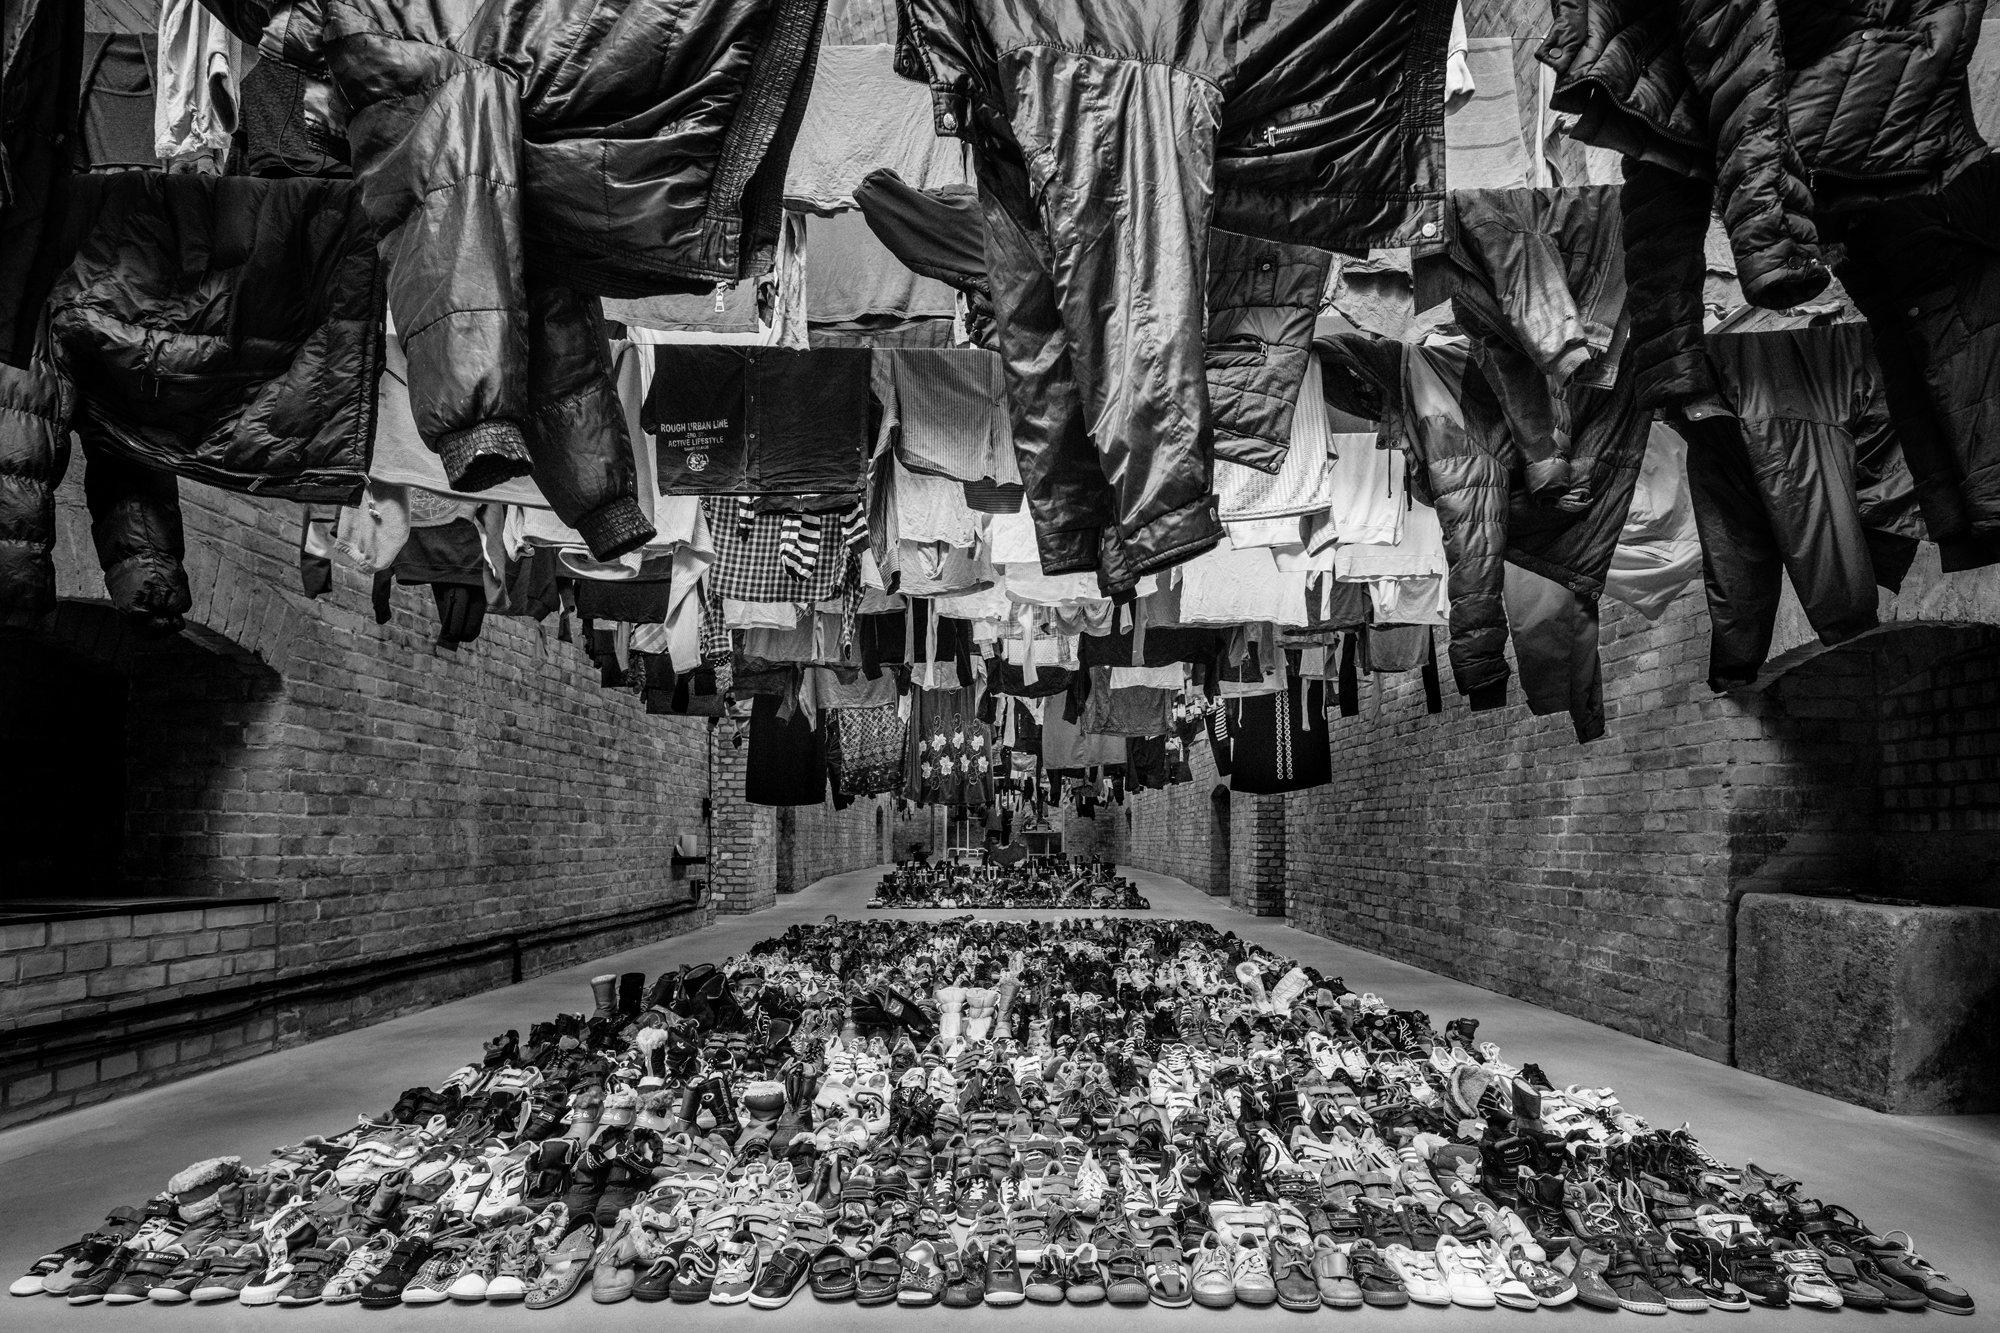 Despojos recolhidos no campo de Idomeni, fotografados no estúdio de Ai Weiwei, em Berlim Foto: Ai Weiwei Studio, 2016